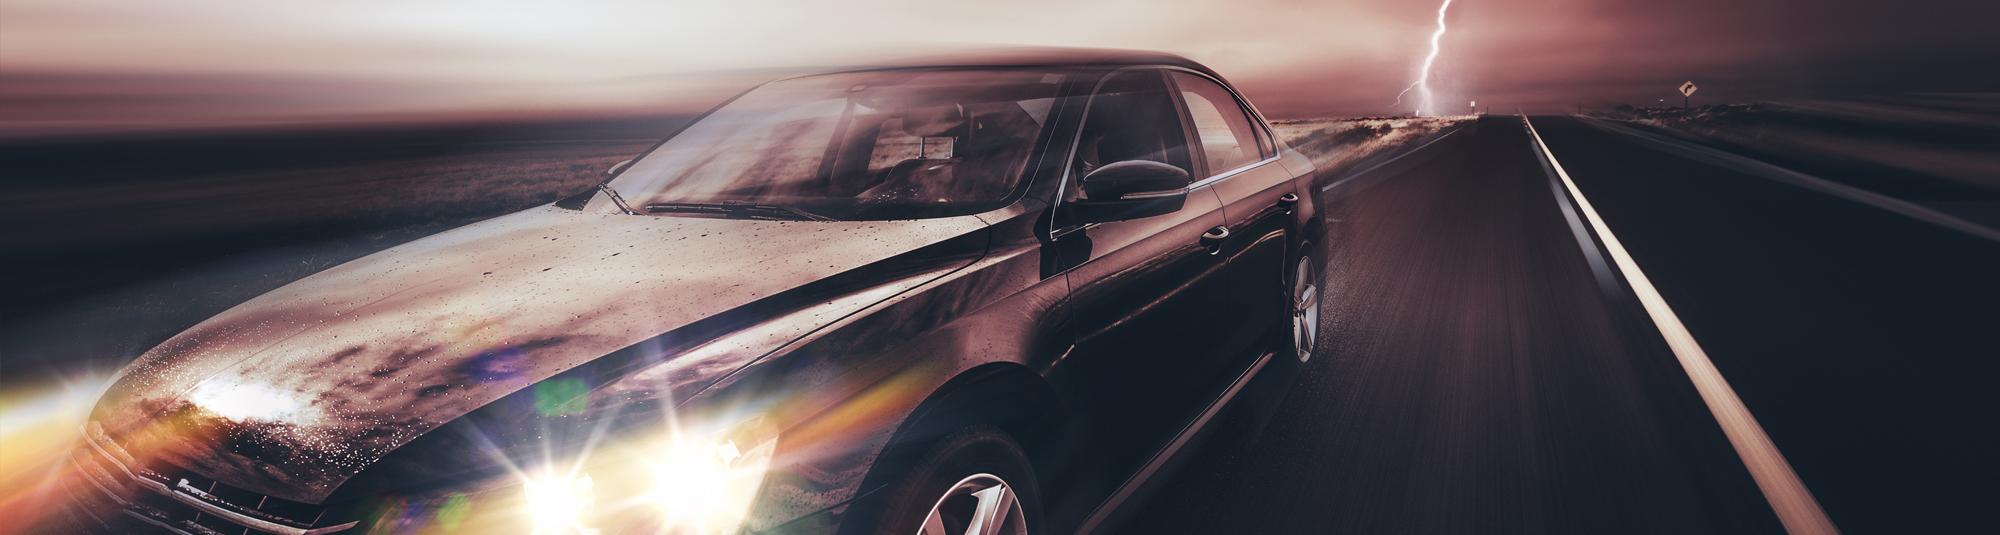 export de voitures neuves pour l 39 alg rie lumi re auto export. Black Bedroom Furniture Sets. Home Design Ideas